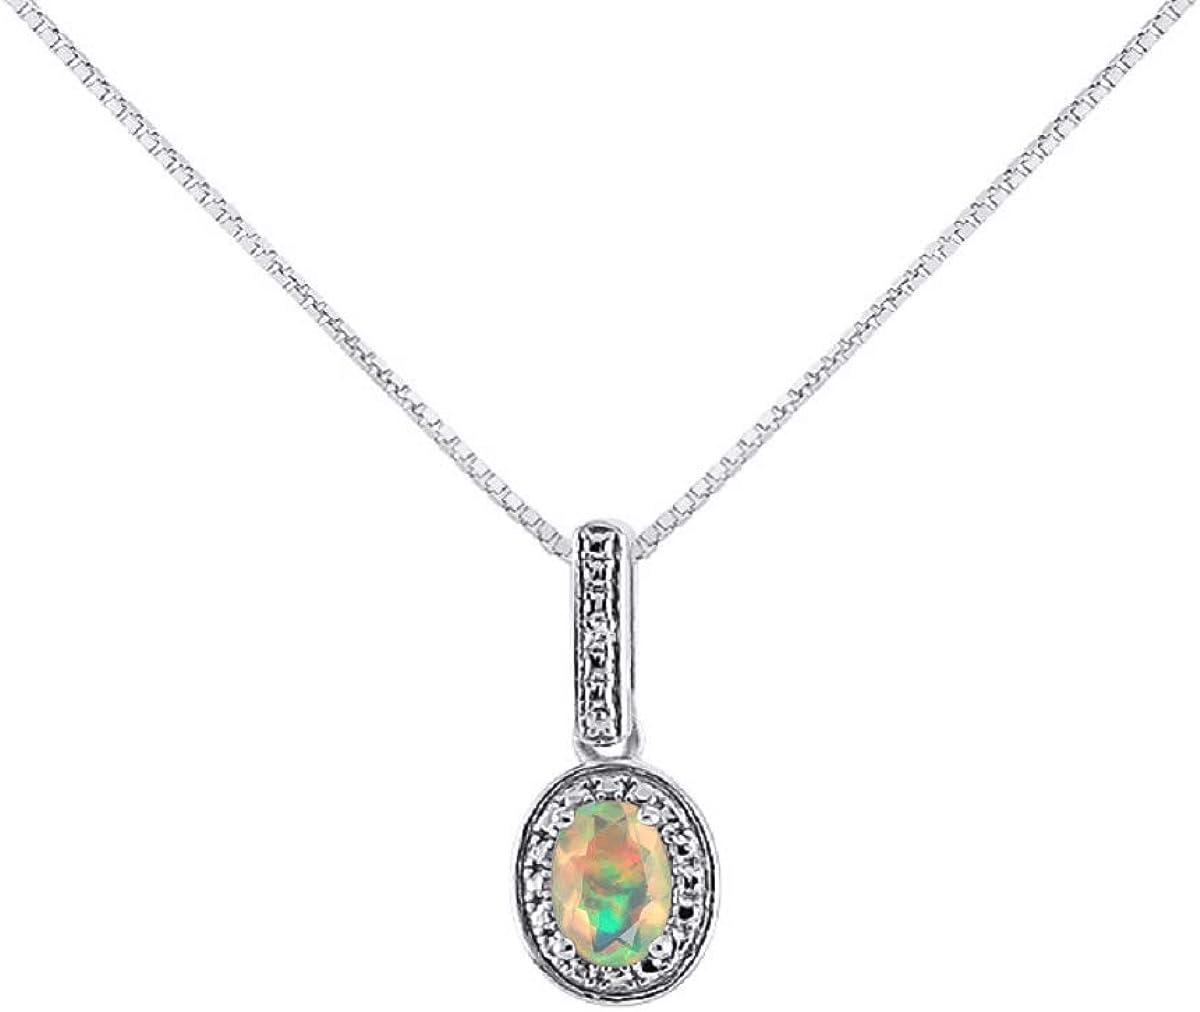 Collar con colgante de diamante y ópalo africano en oro blanco de 14 quilates con cadena de oro de 18 pulgadas – Piedra natal de octubre, diseño de halo